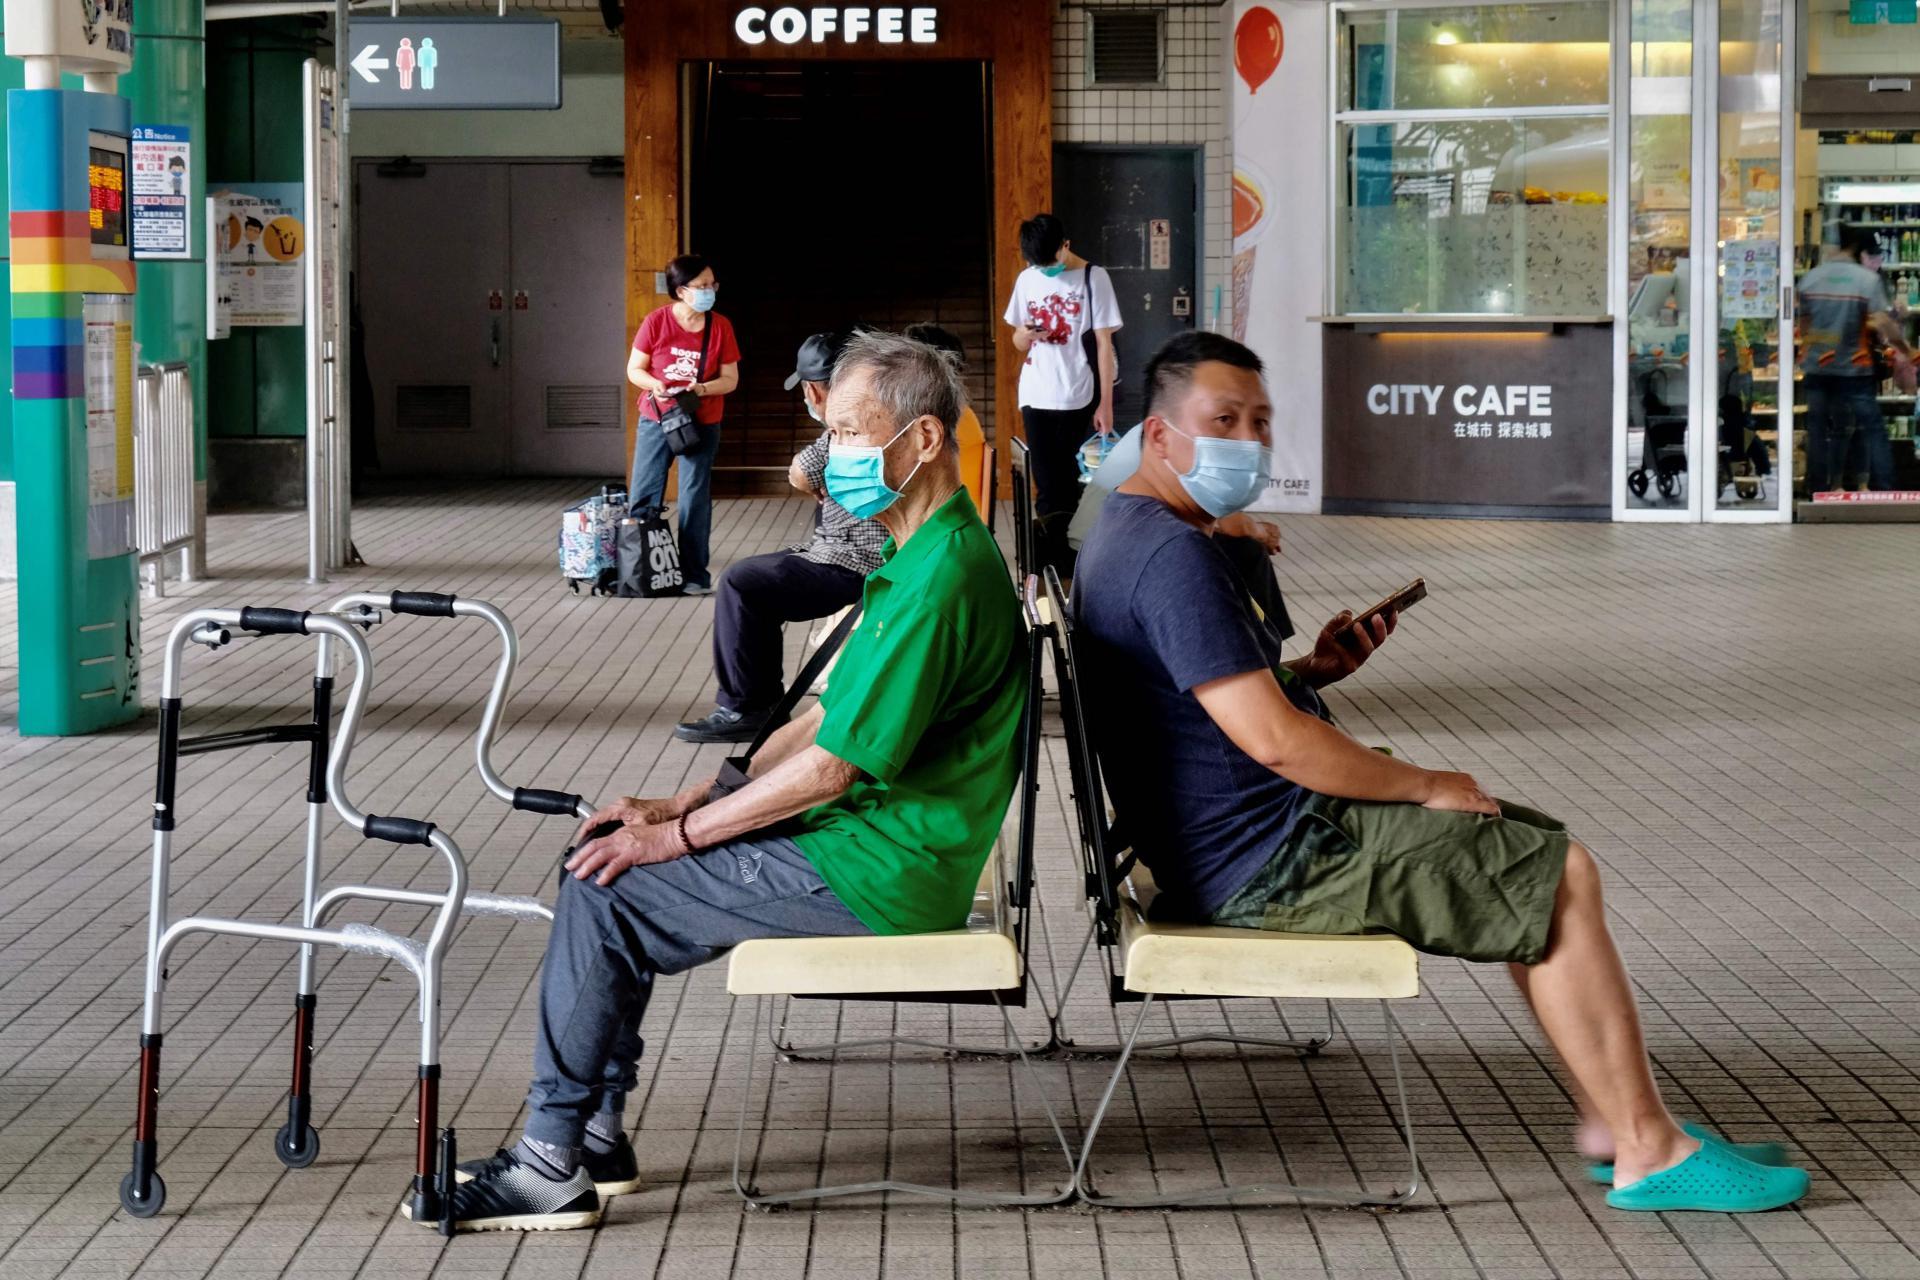 Tajvan, uzorna država koja je lani imala tek tisuću zaraženih koronavirusom, do tog je broja došla samo ovog vikenda, preko aerodroma